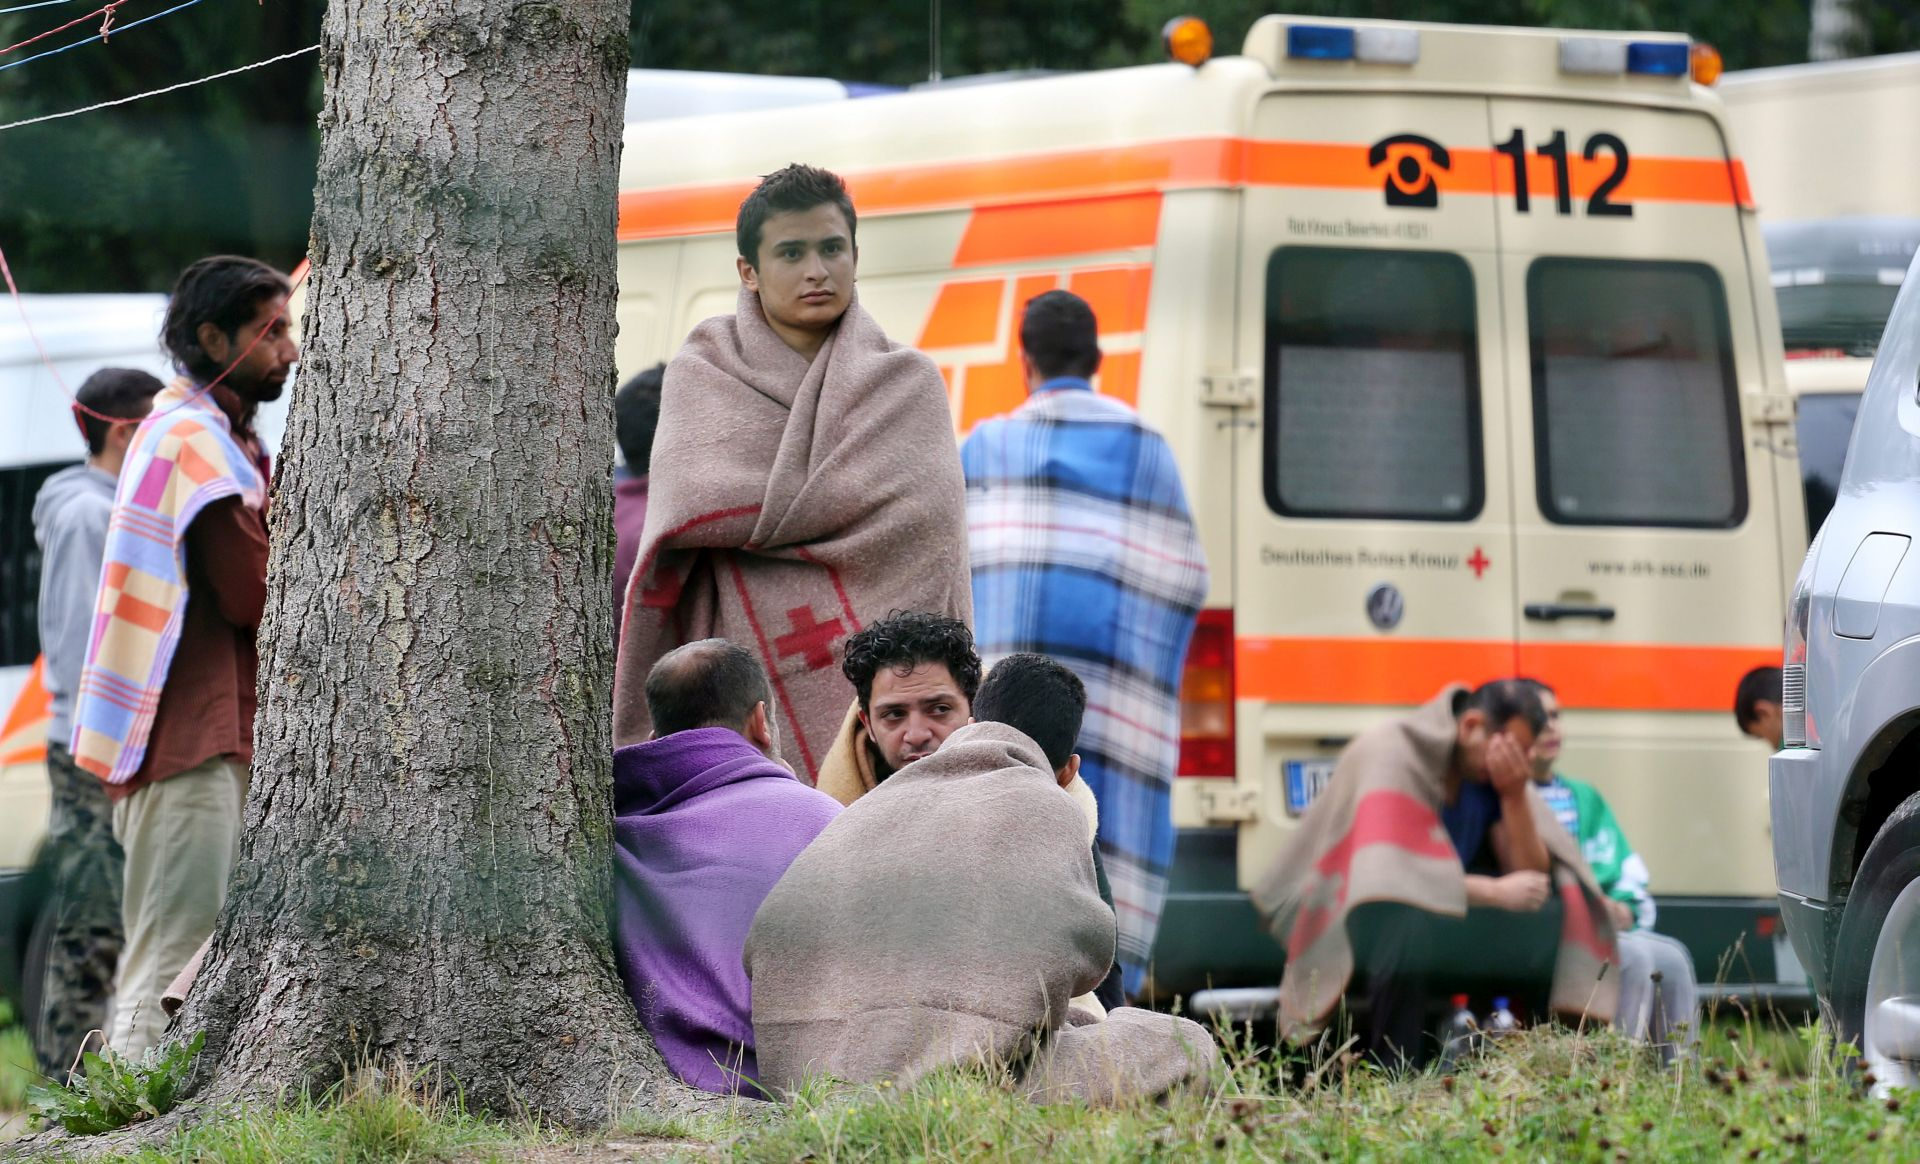 Polemika oko upisivanja brojeva markerom na ruke izbjeglica